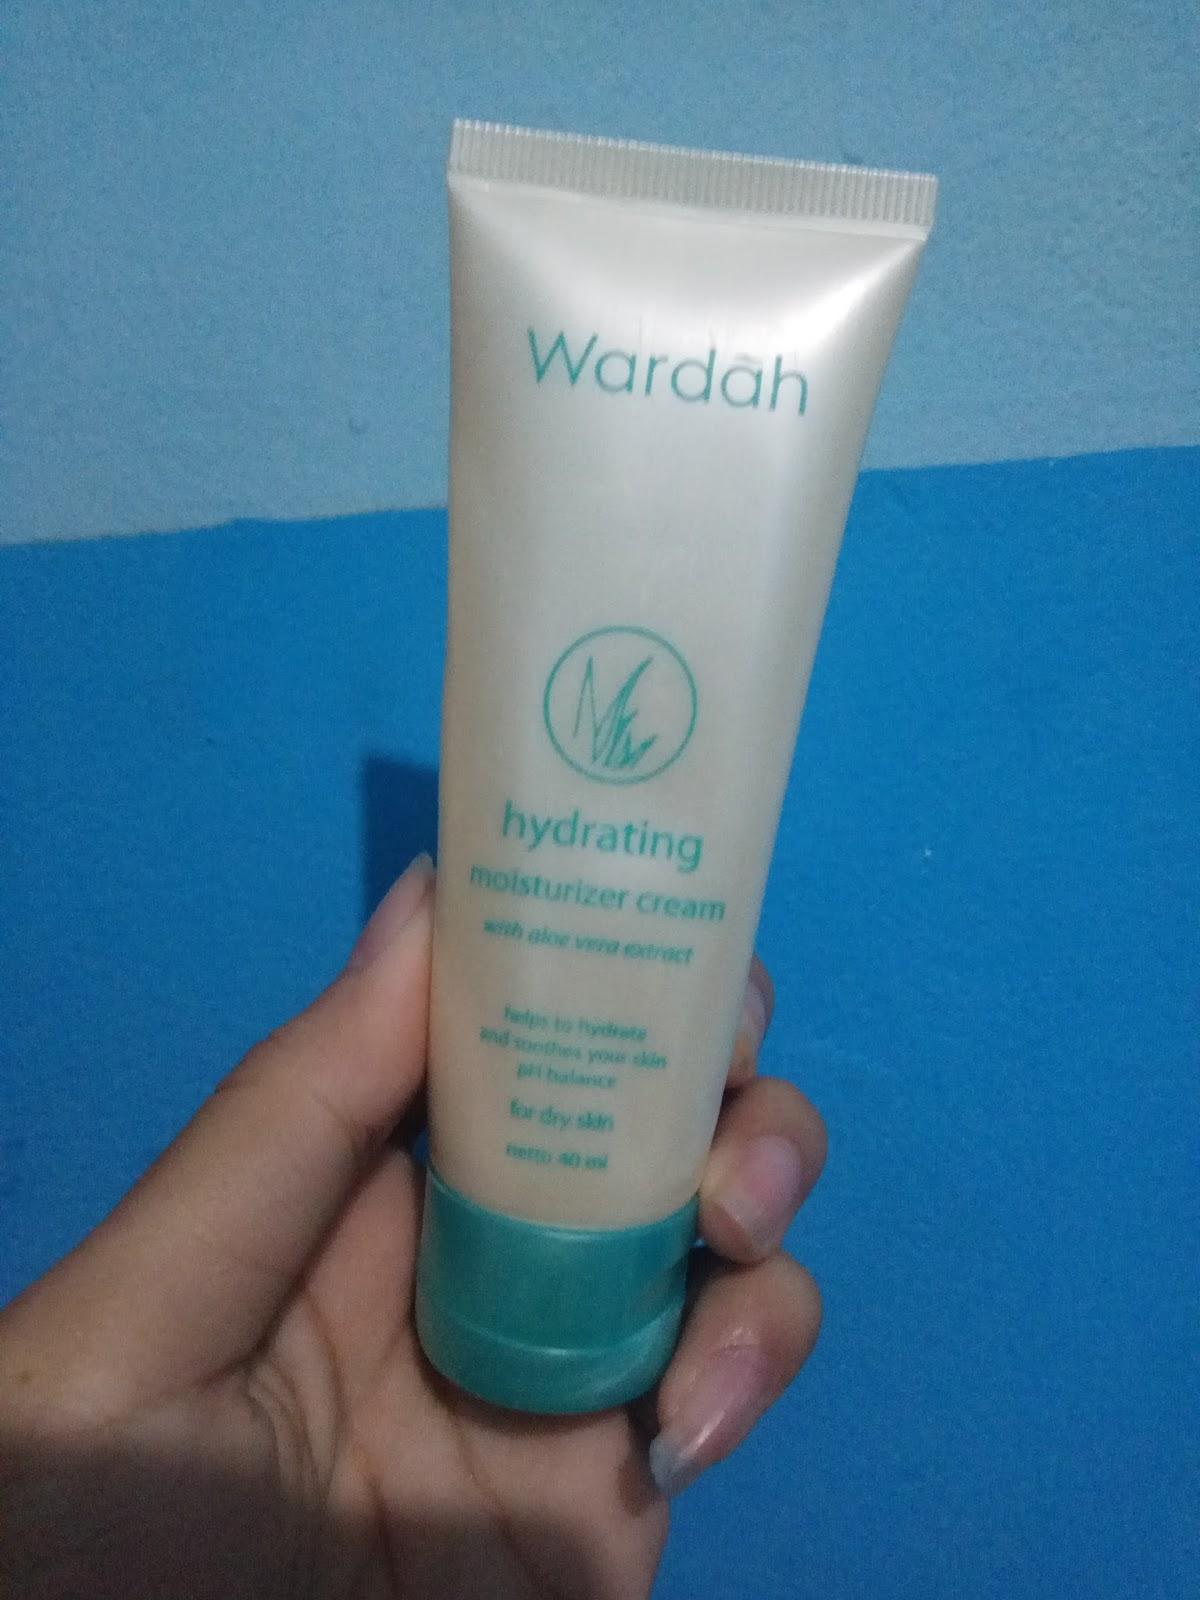 tahu Tempe: Wardah Hydrating Moisturizer Cream untuk ...